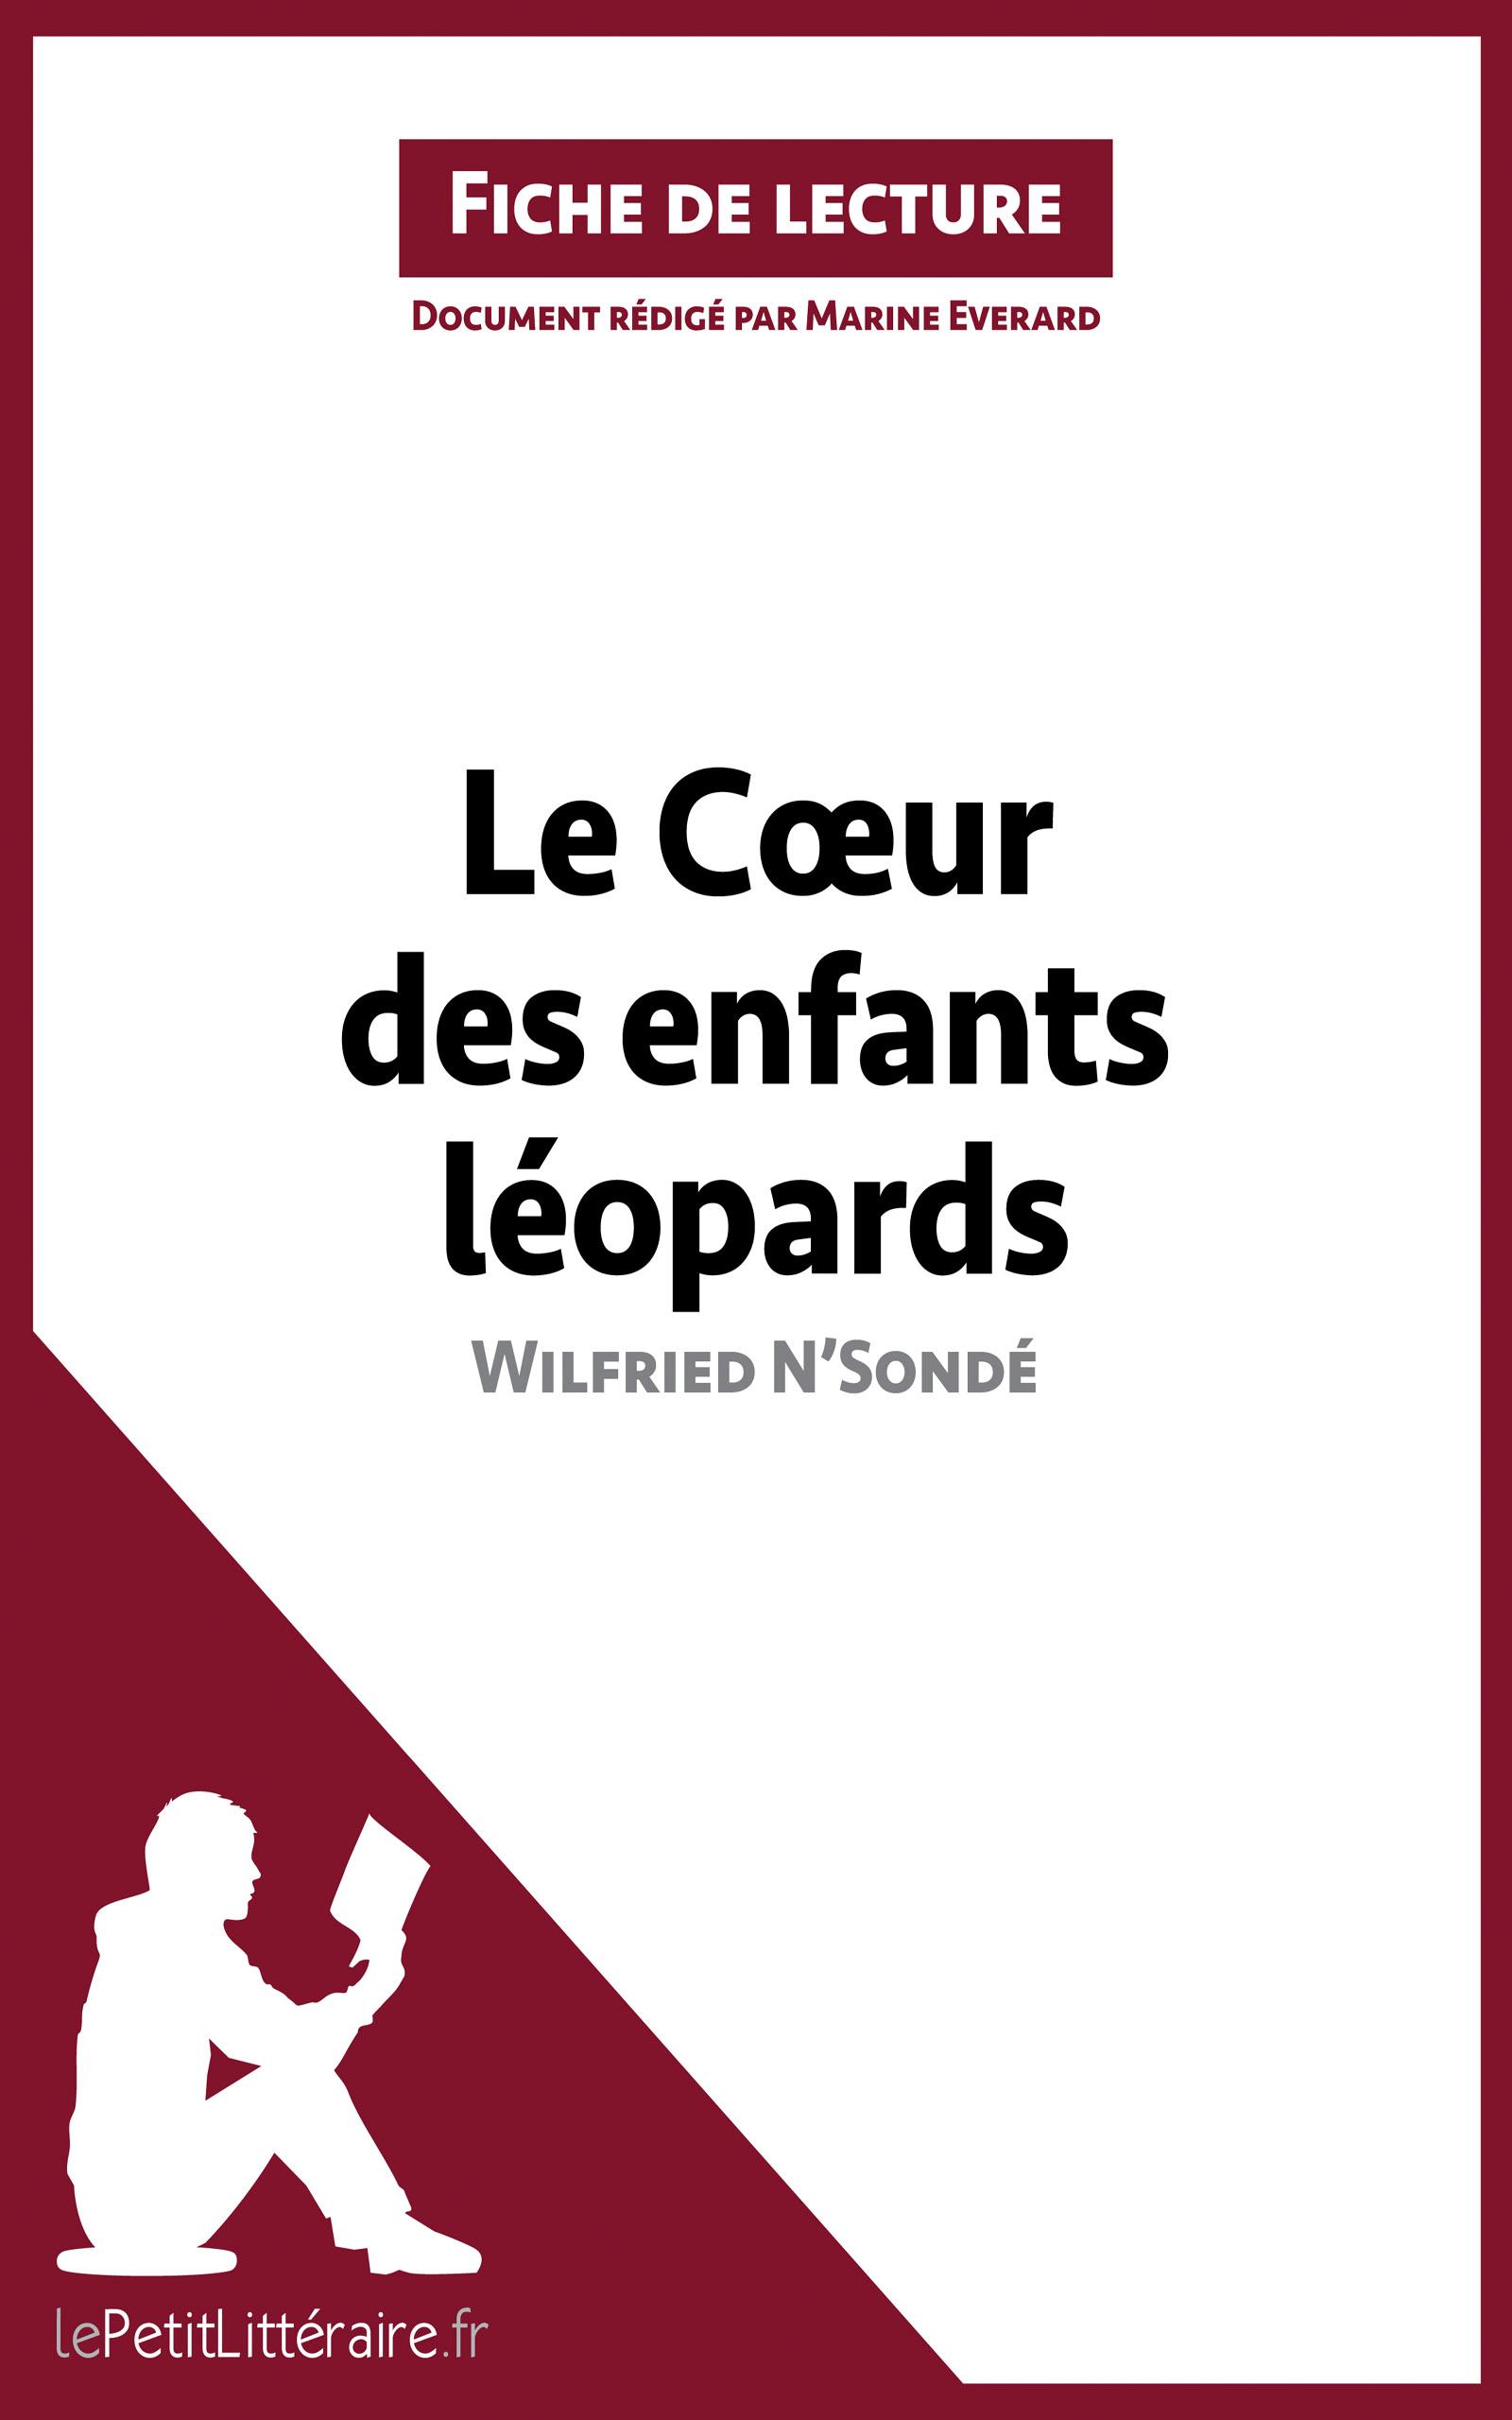 Le Cœur des enfants léopards